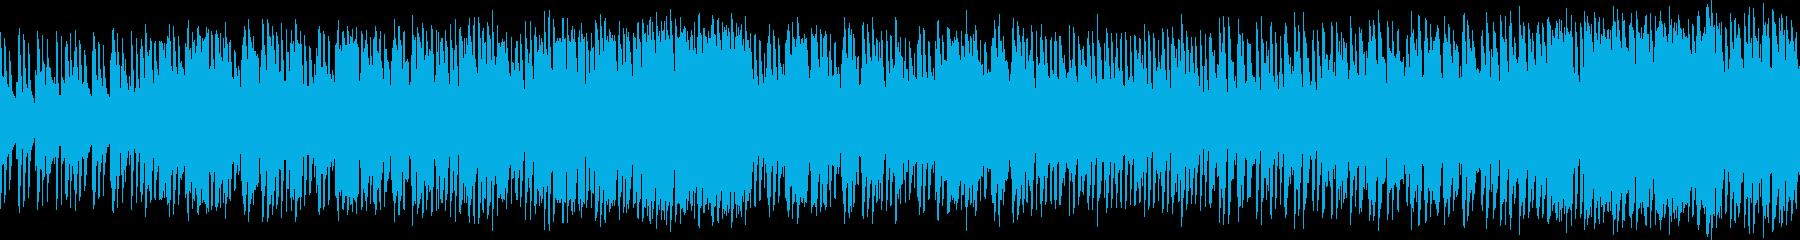 エネルギッシュなサザンロックループ...の再生済みの波形